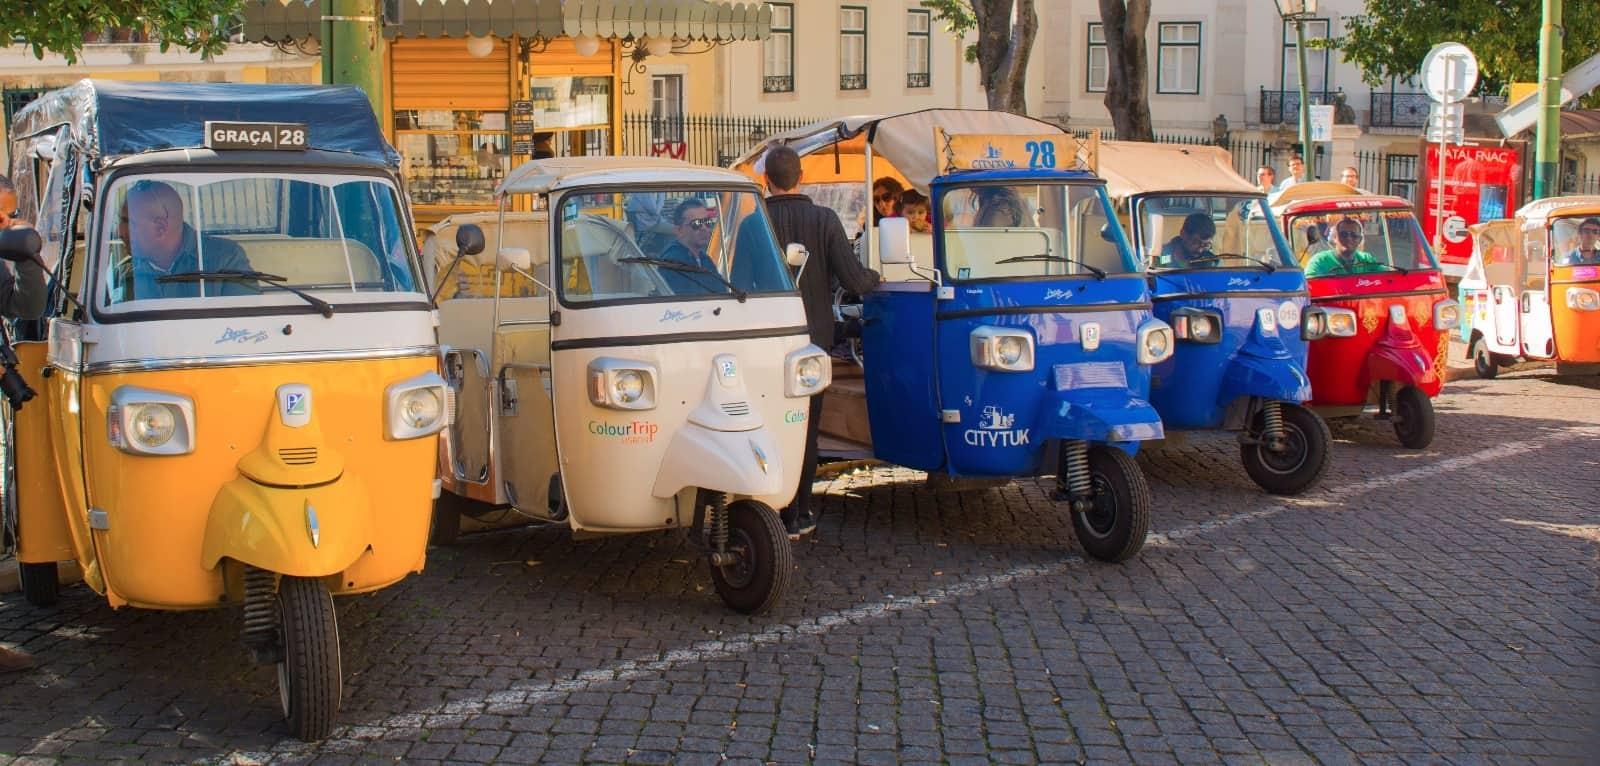 35 Cosas Que Hacer y Que Ver en Lisboa en 3 Días taxis